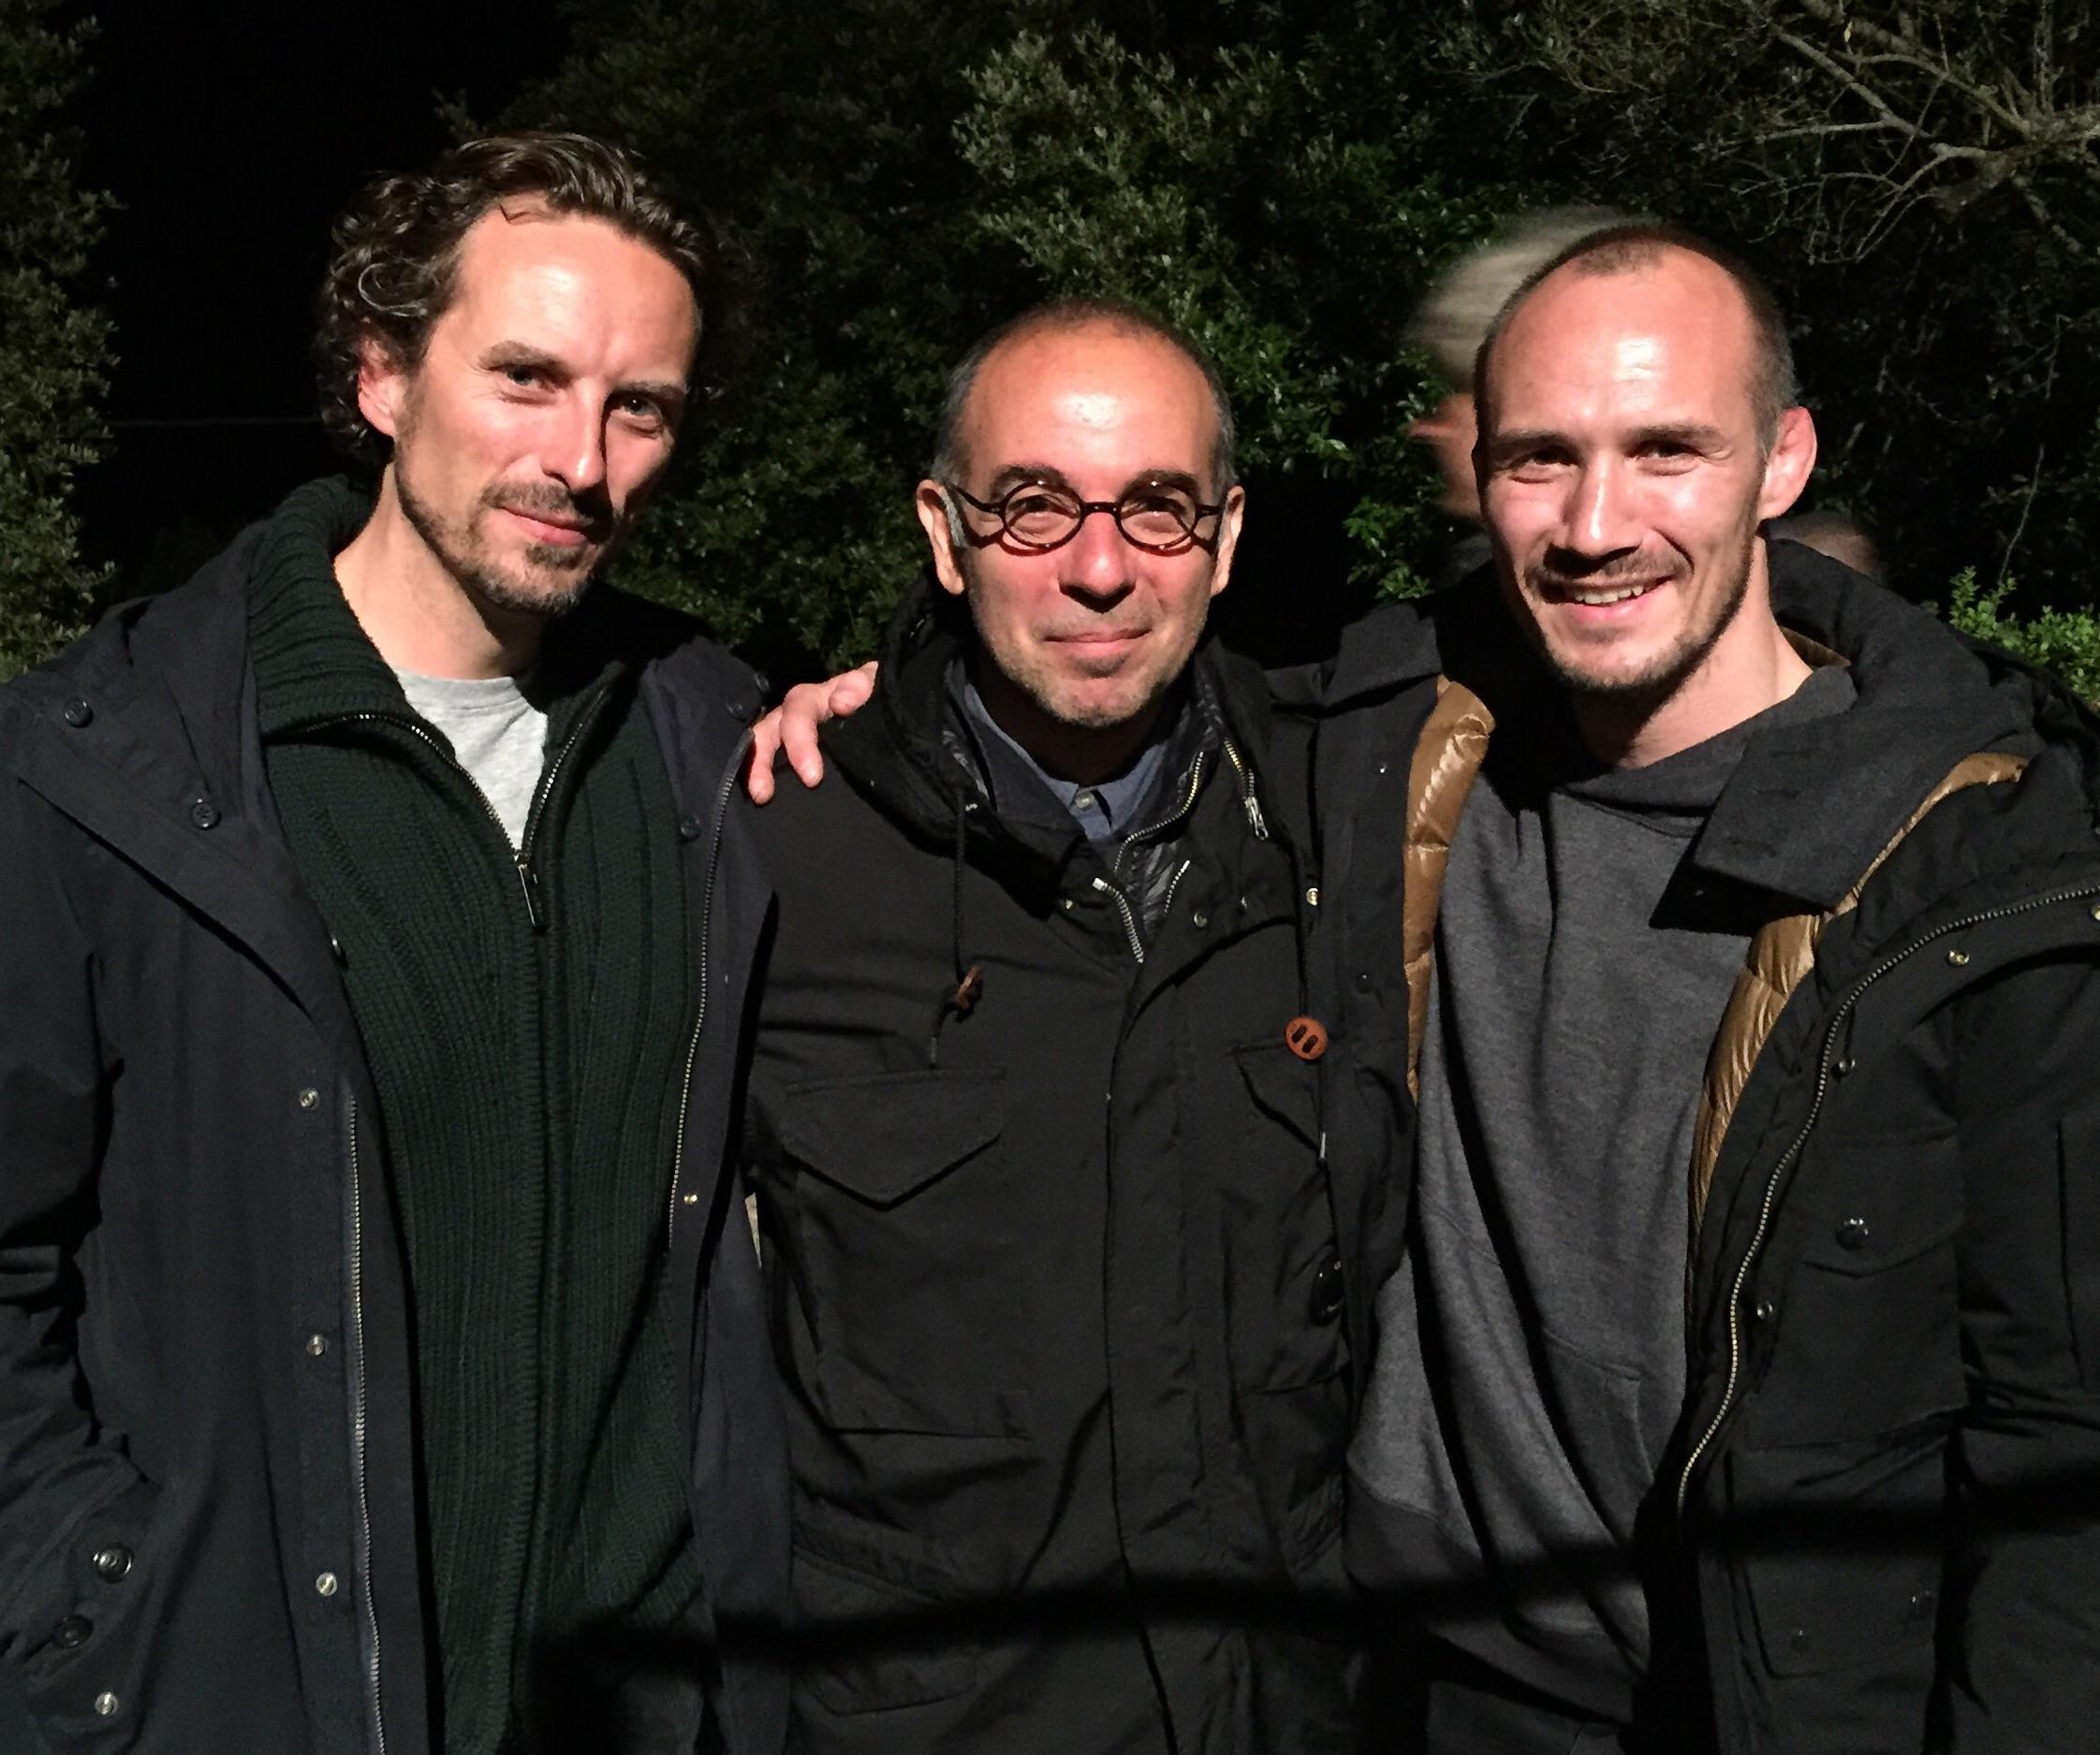 Director Giuseppe Tornatore, Actor James Warren and I